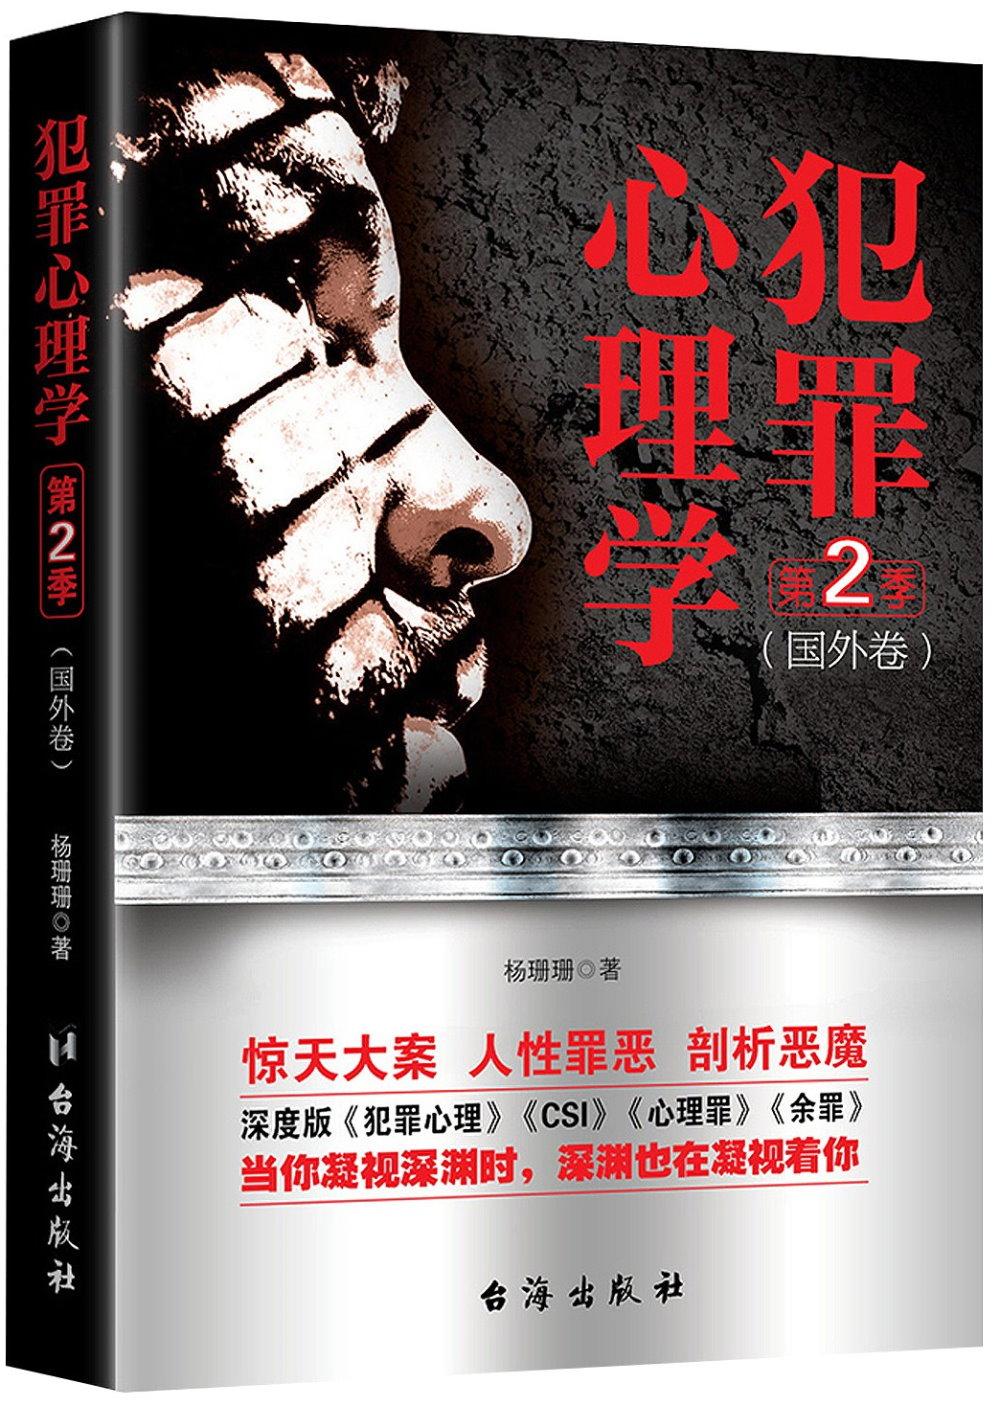 犯罪心理學:第2季(國外卷)